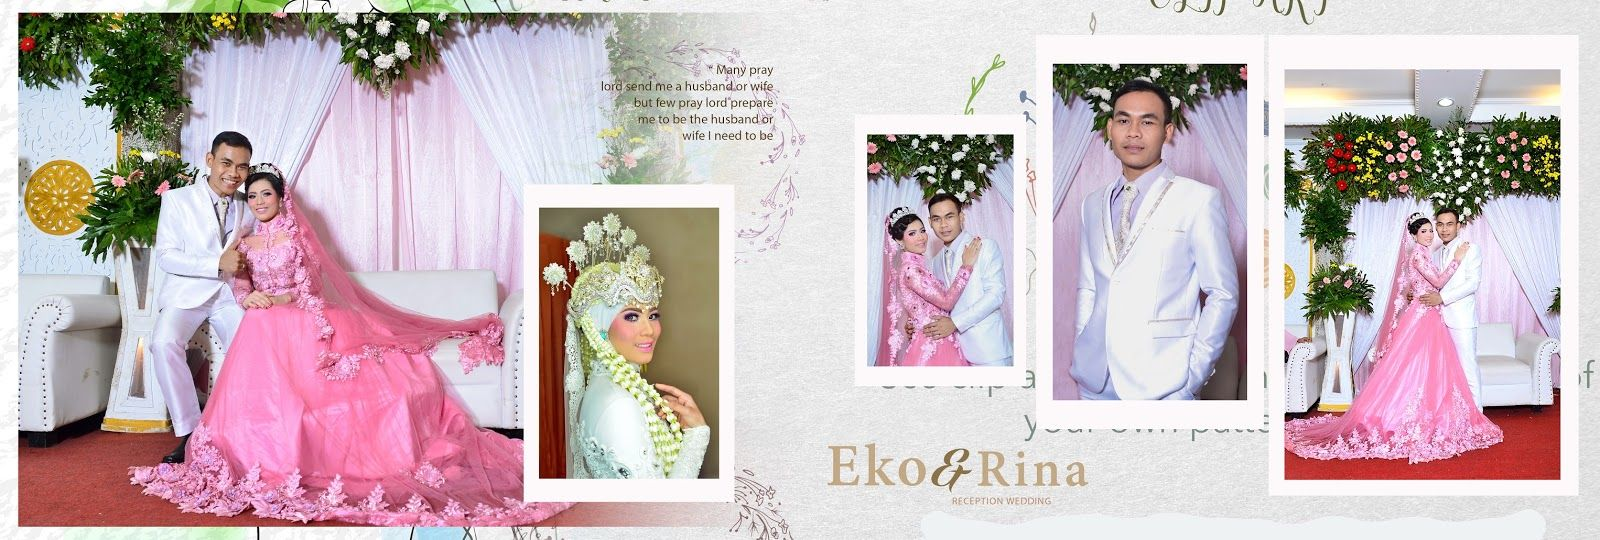 Free Download Album Kolase Template Psd Photoshop Jasa Photographer Wedding Prewedding Tangerang Foto Perkawinan Kolase Pose Perkawinan